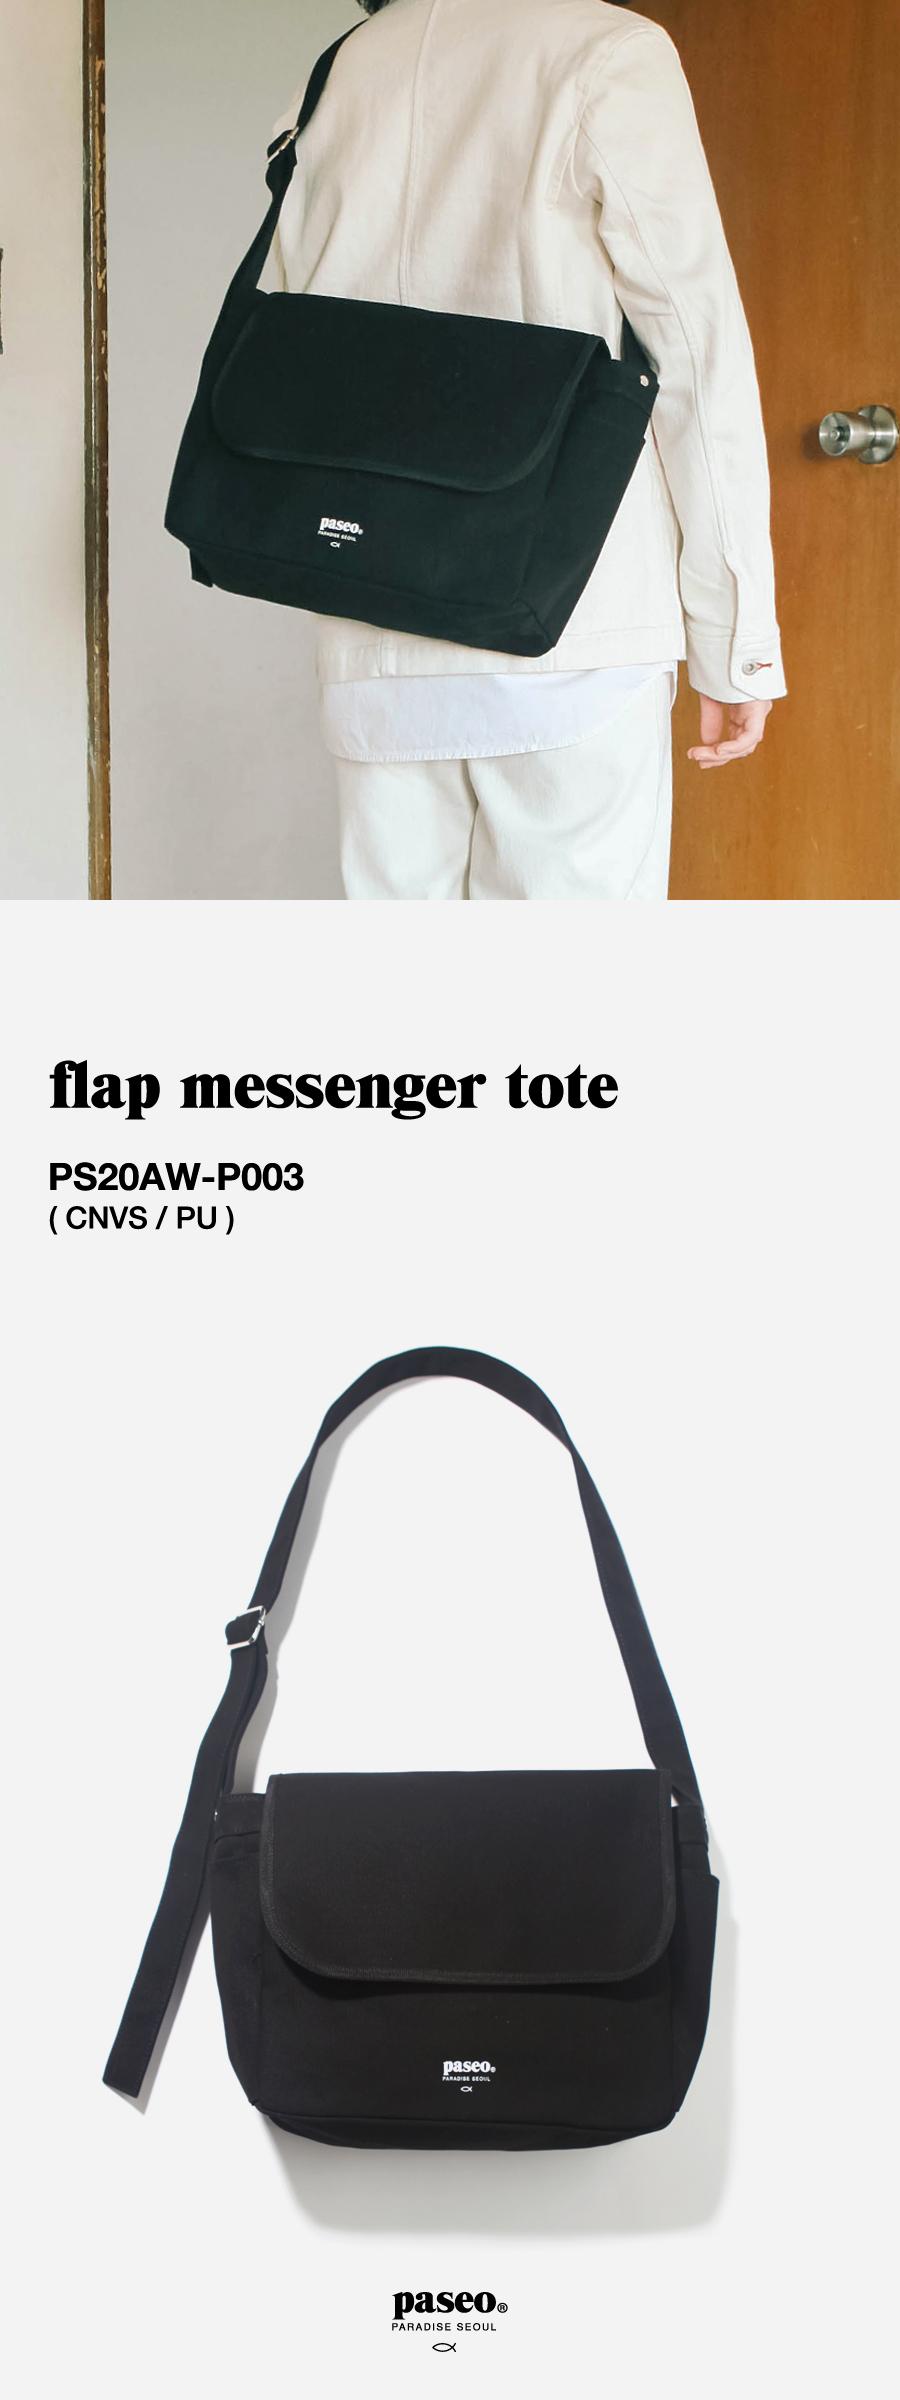 플랩 메신저 토트-블랙